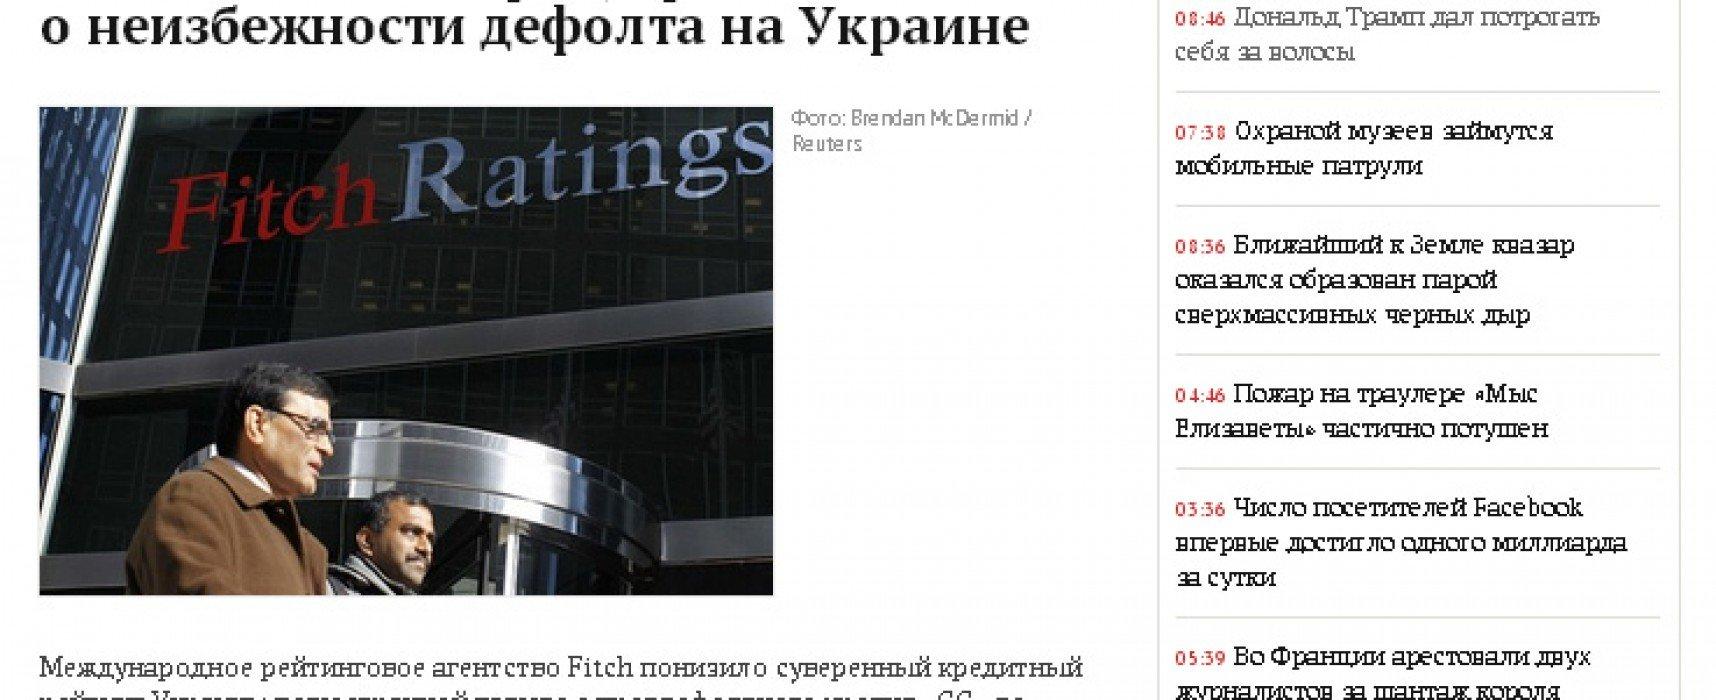 СМИ исказили смысл публикации рейтинга Fitch по Украине